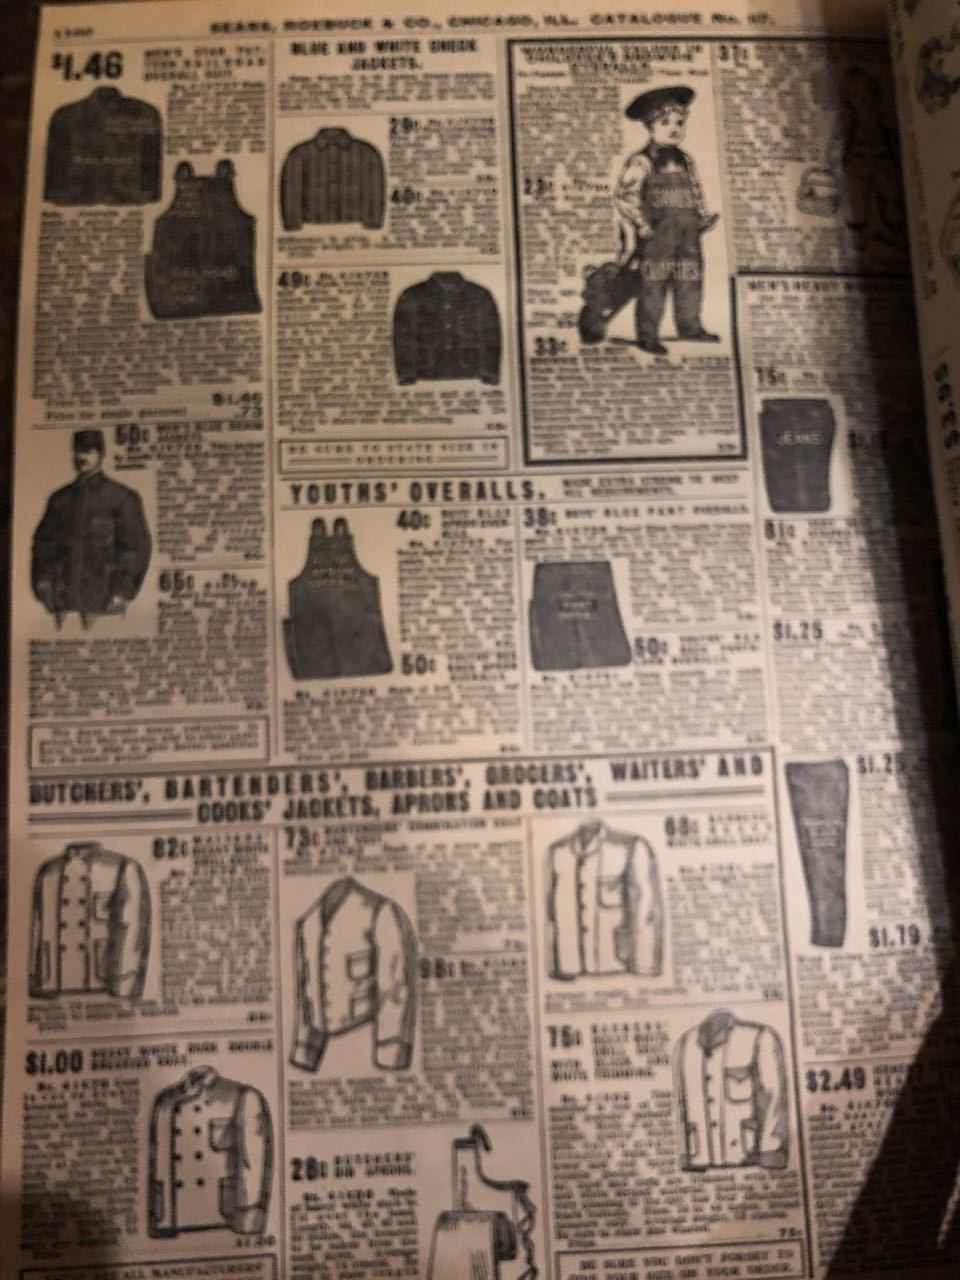 12月15日(日)入荷! 1908年 Sears Catagog シアーズ カタログ!_c0144020_14060209.jpg